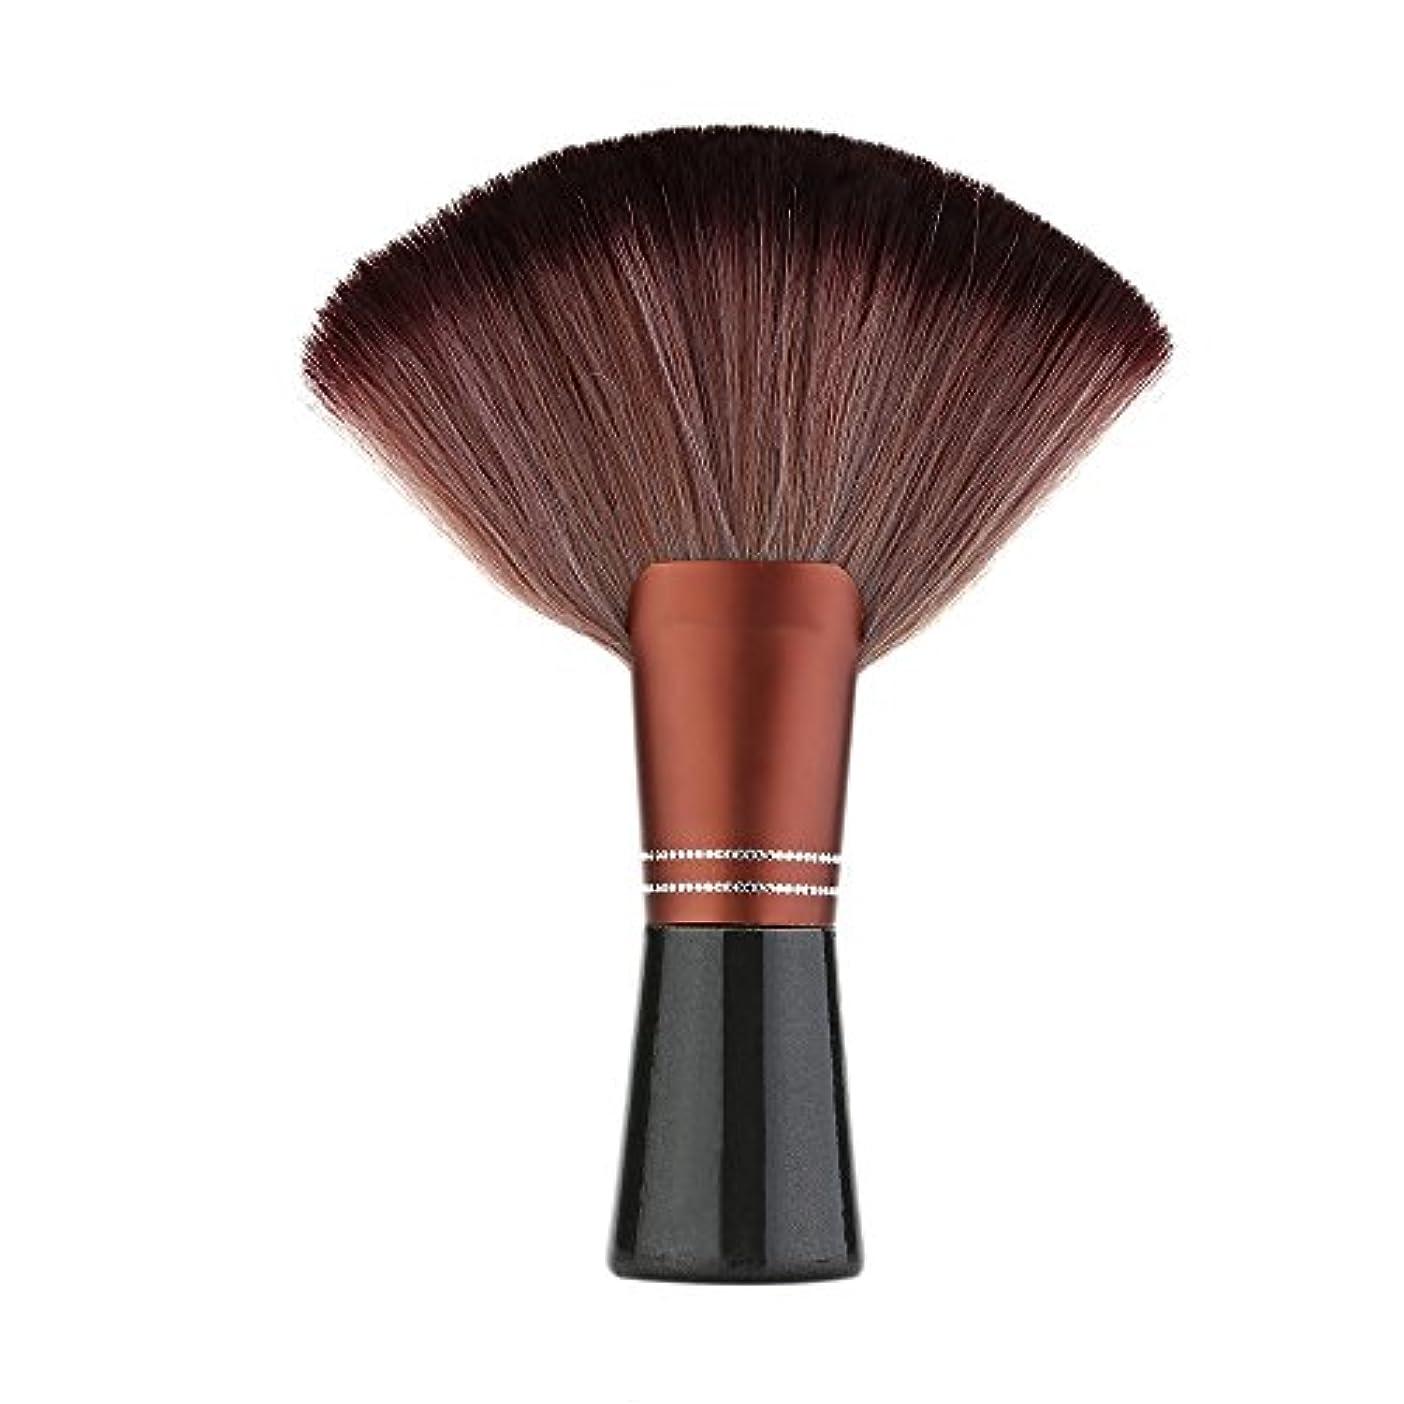 アプトアクセスアセDecdeal 理髪ブラシ ネックブラシ 理髪師 ヘアブラシ 毛払いブラシ 髪切り 散髪用ツール